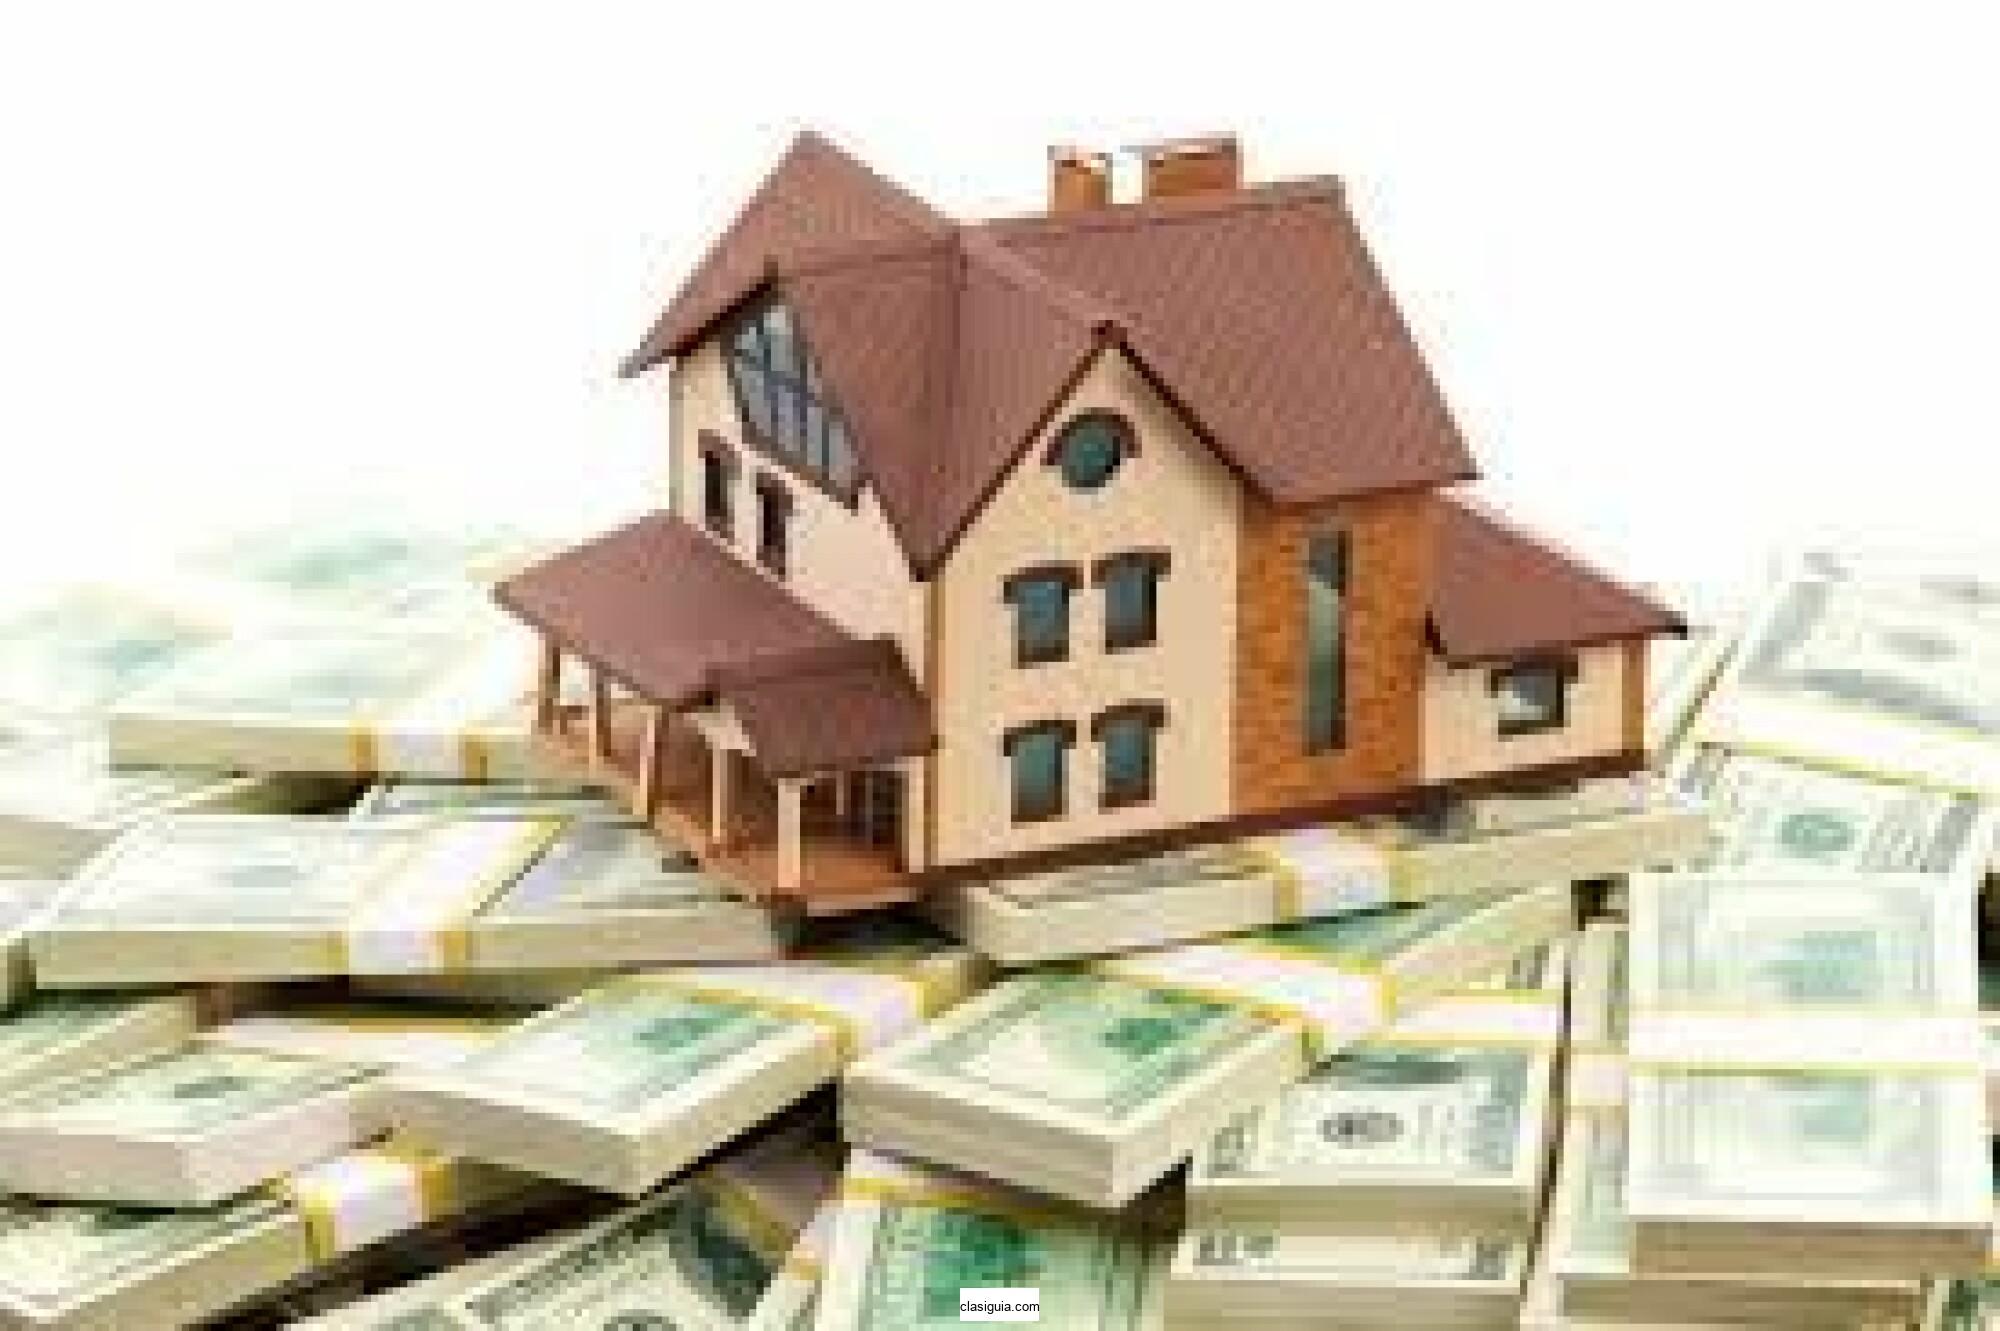 Nuestra empresa ofrece inversiones y financiación en diversos sectores de actividad